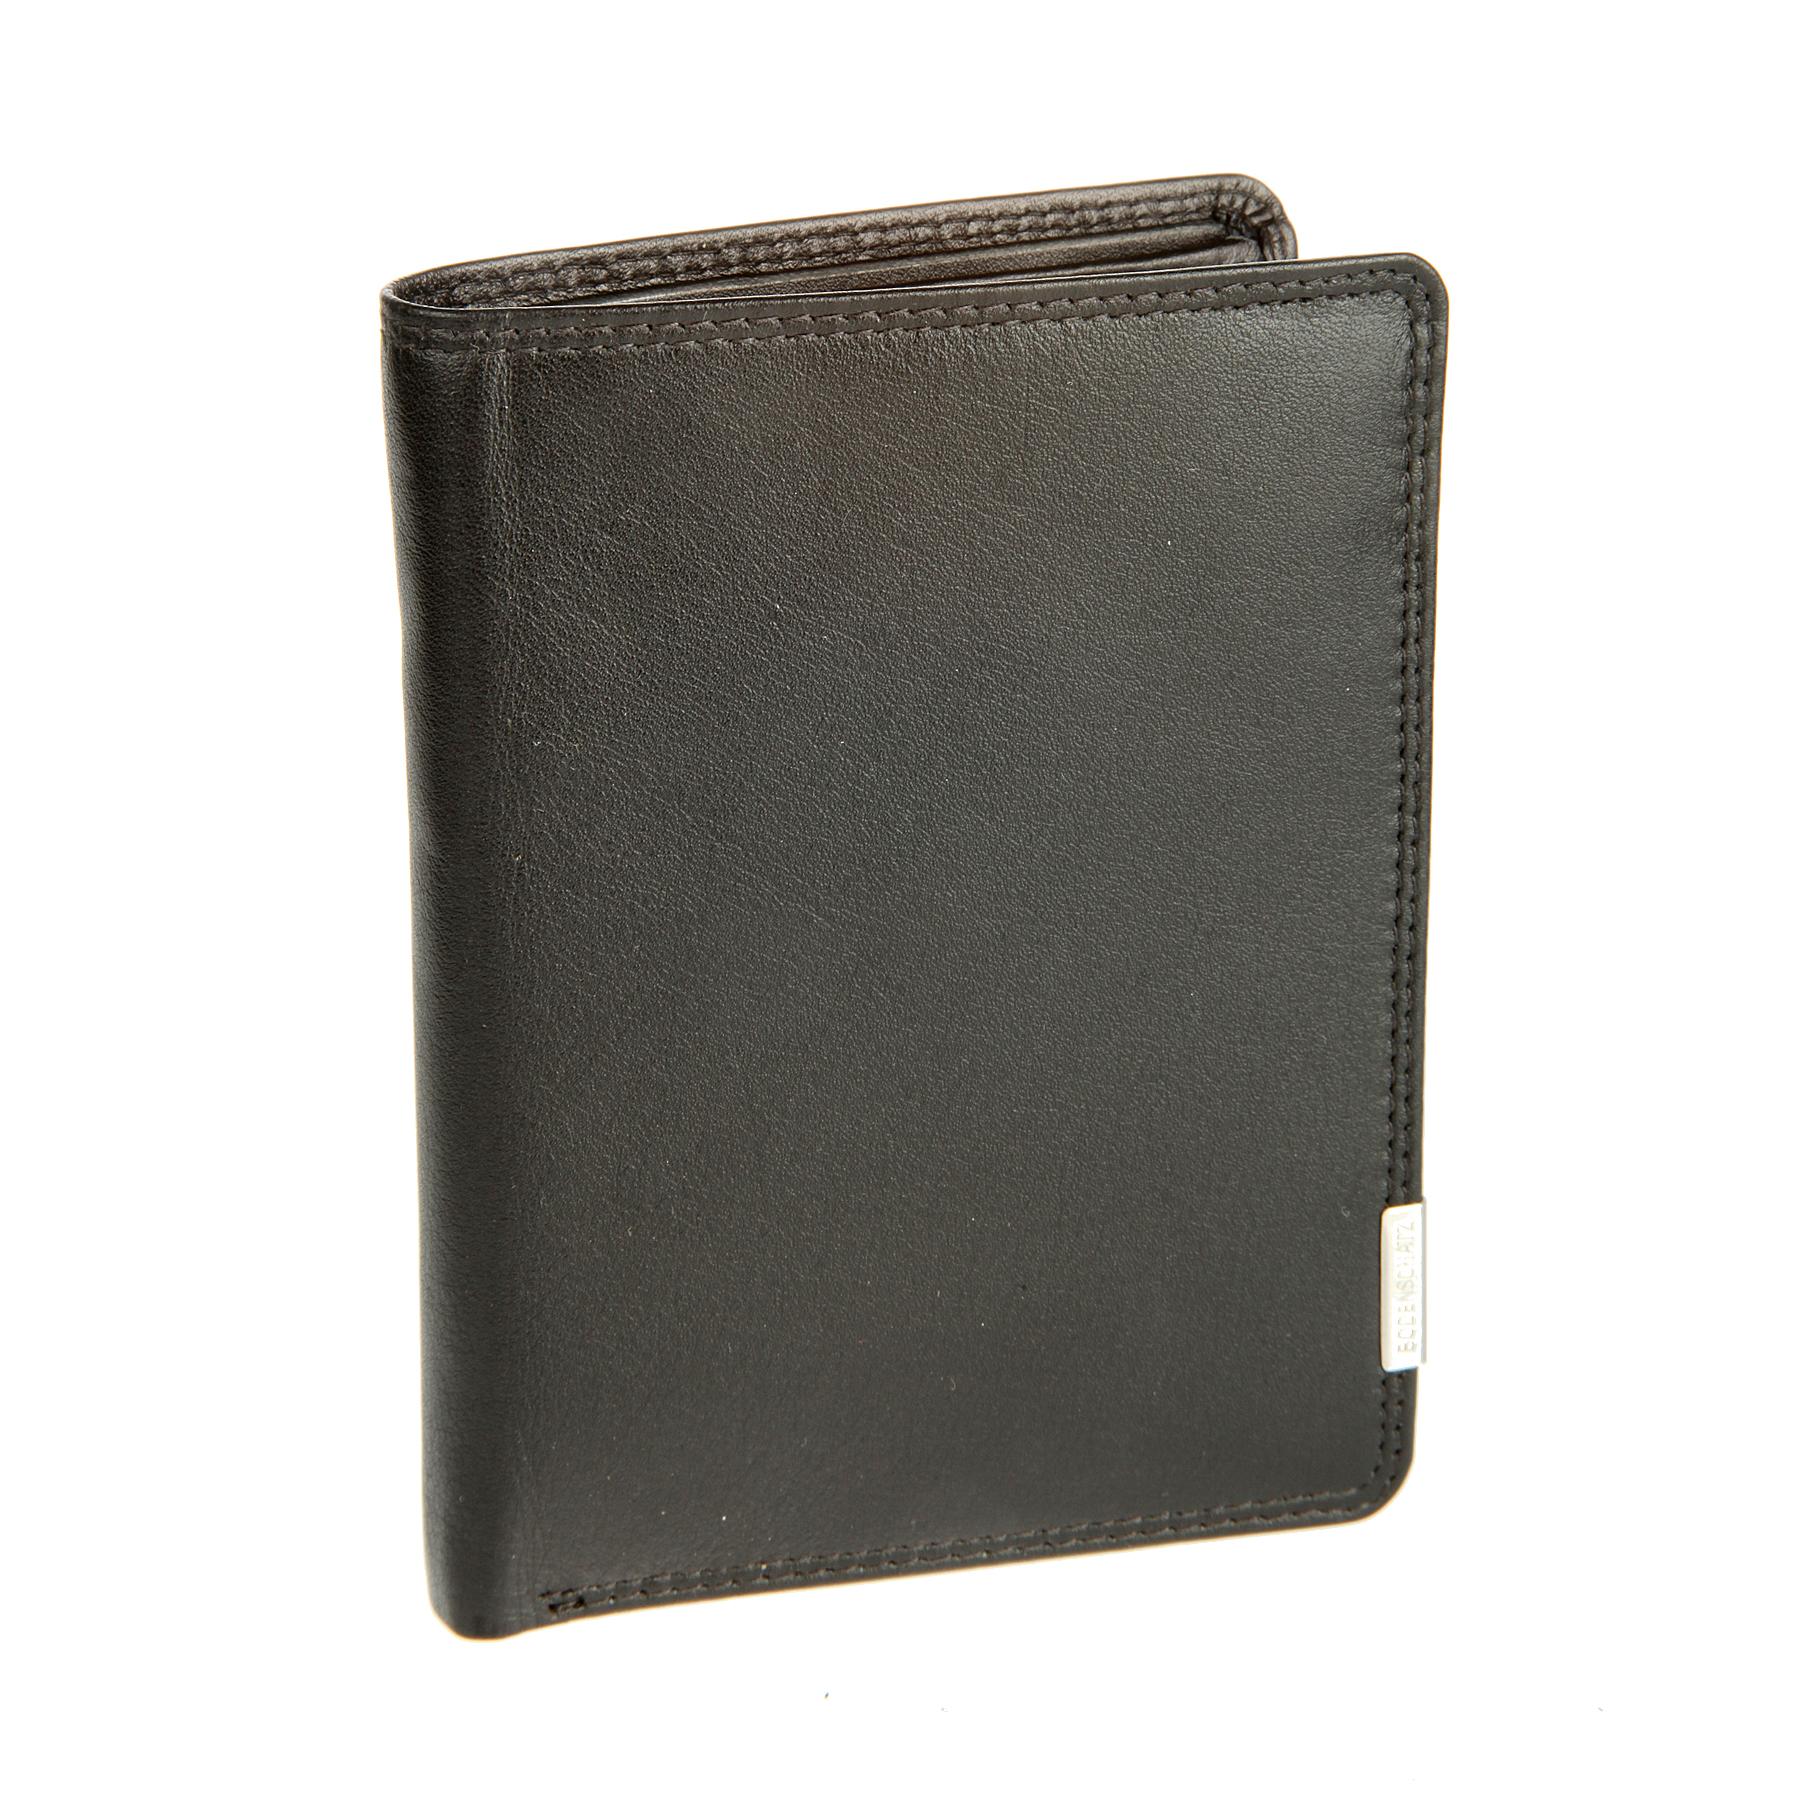 Портмоне мужское Bodenschatz, цвет: черный. 8-787 black8-787 blackРаскладывается пополам, внутри два отдела для купюр, отделение для мелочи на кнопке, три потайных кармана, четыре кармашка для пластиковых карт, сетчатый карман для пропуска. Дополнительно съемный кляссер для документов, в котором имеются два сетчатых кармана и три кармашка для пластиковых карт.